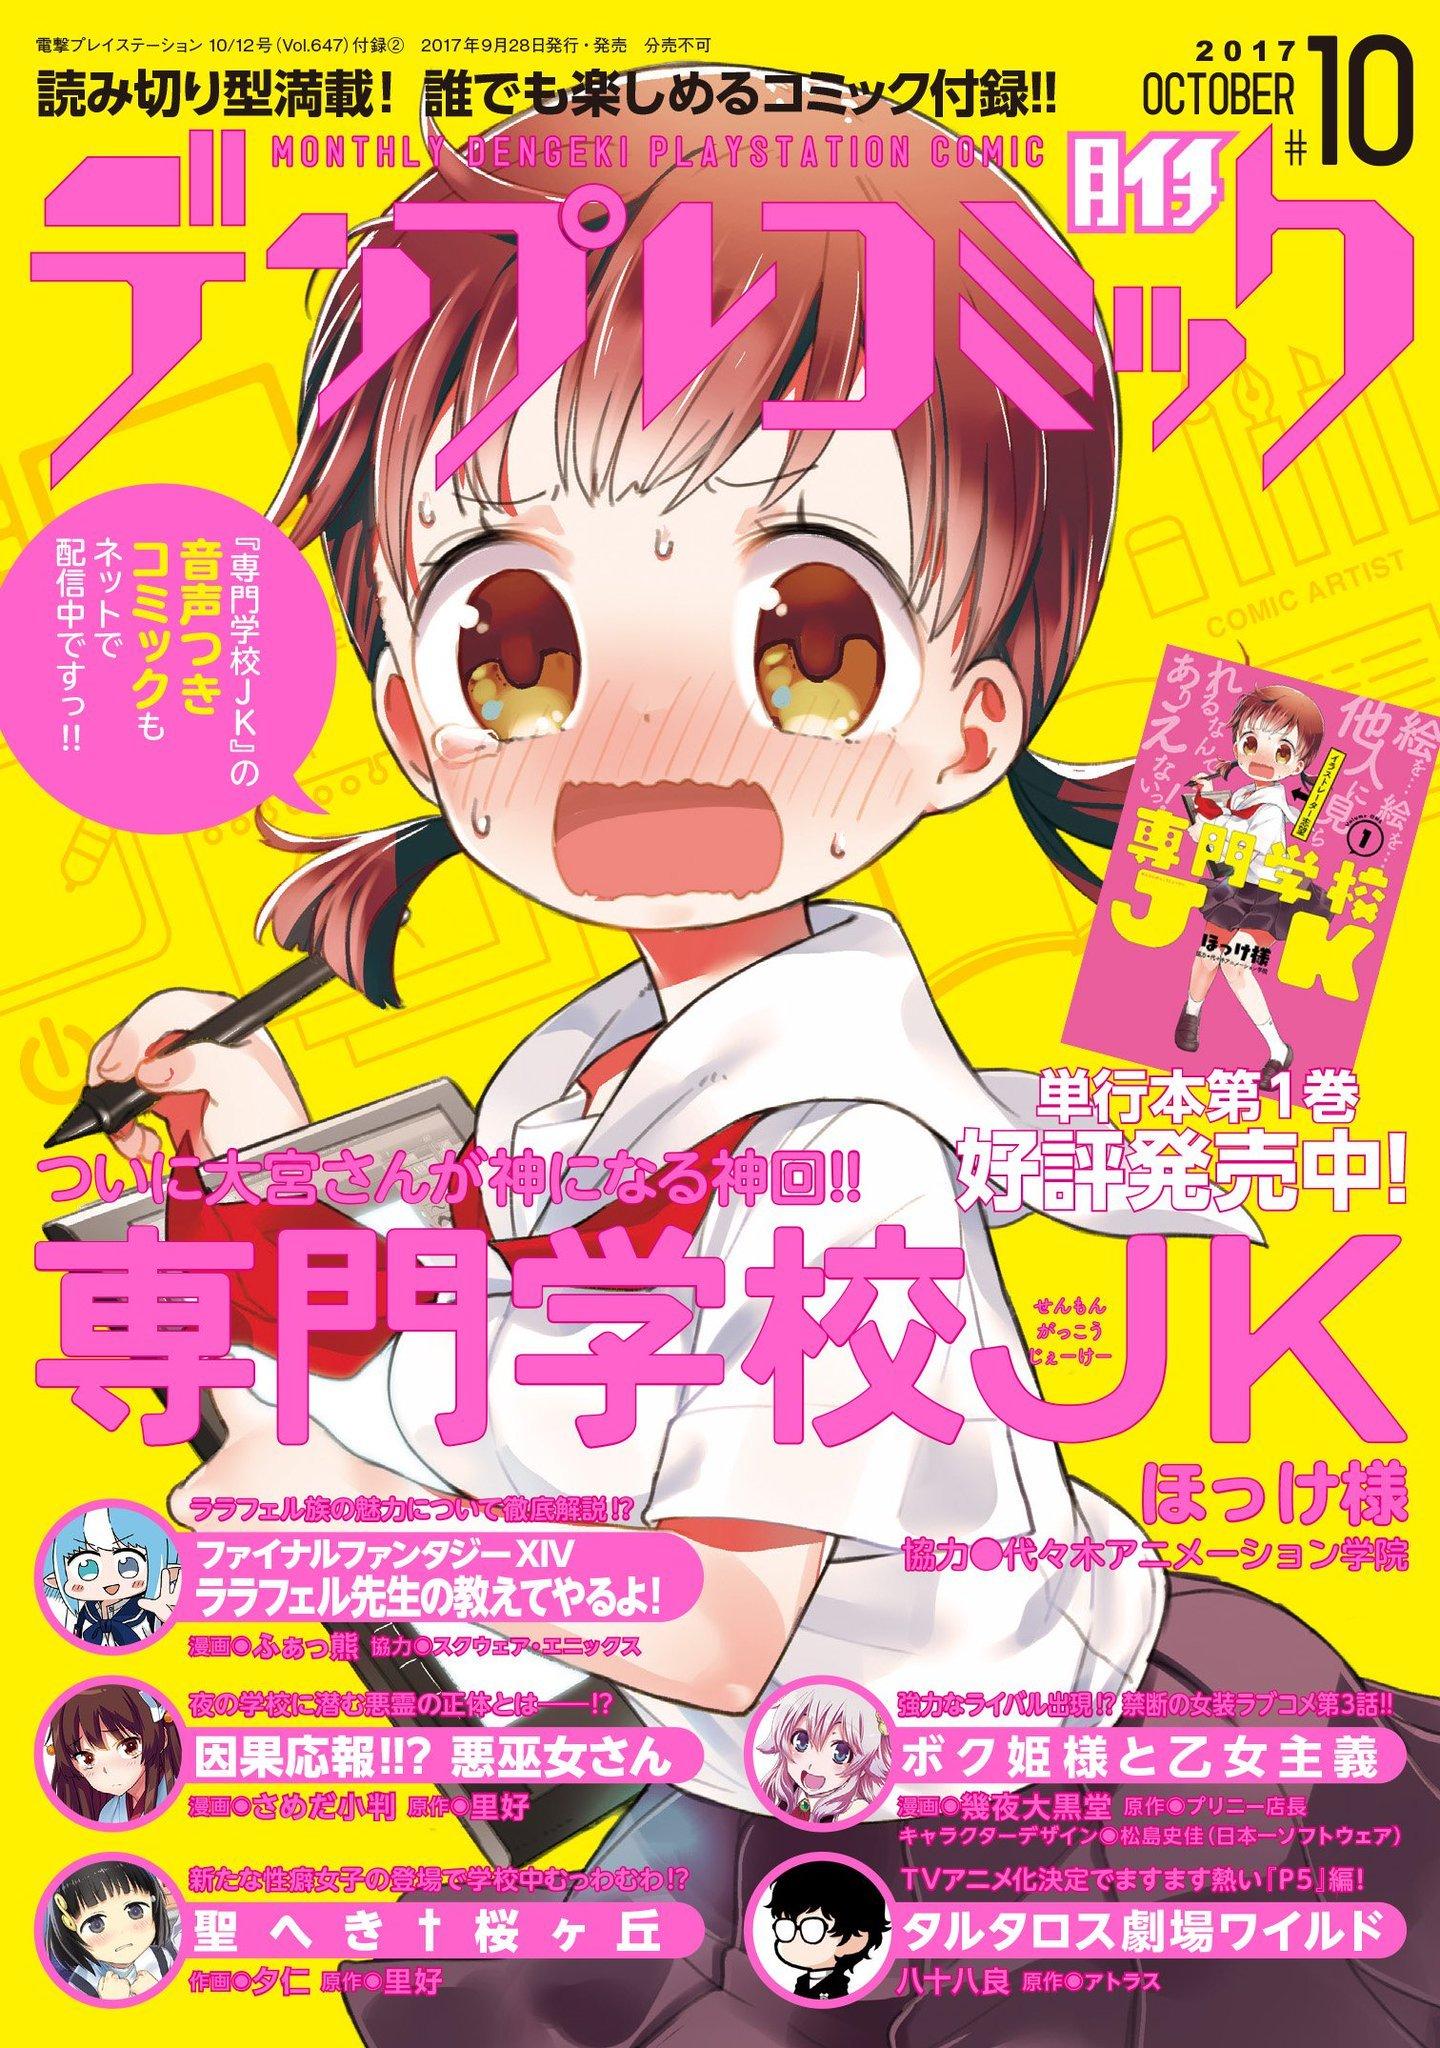 Denplay Comic 010 (Vol.647 supplement) (October 12, 2017)